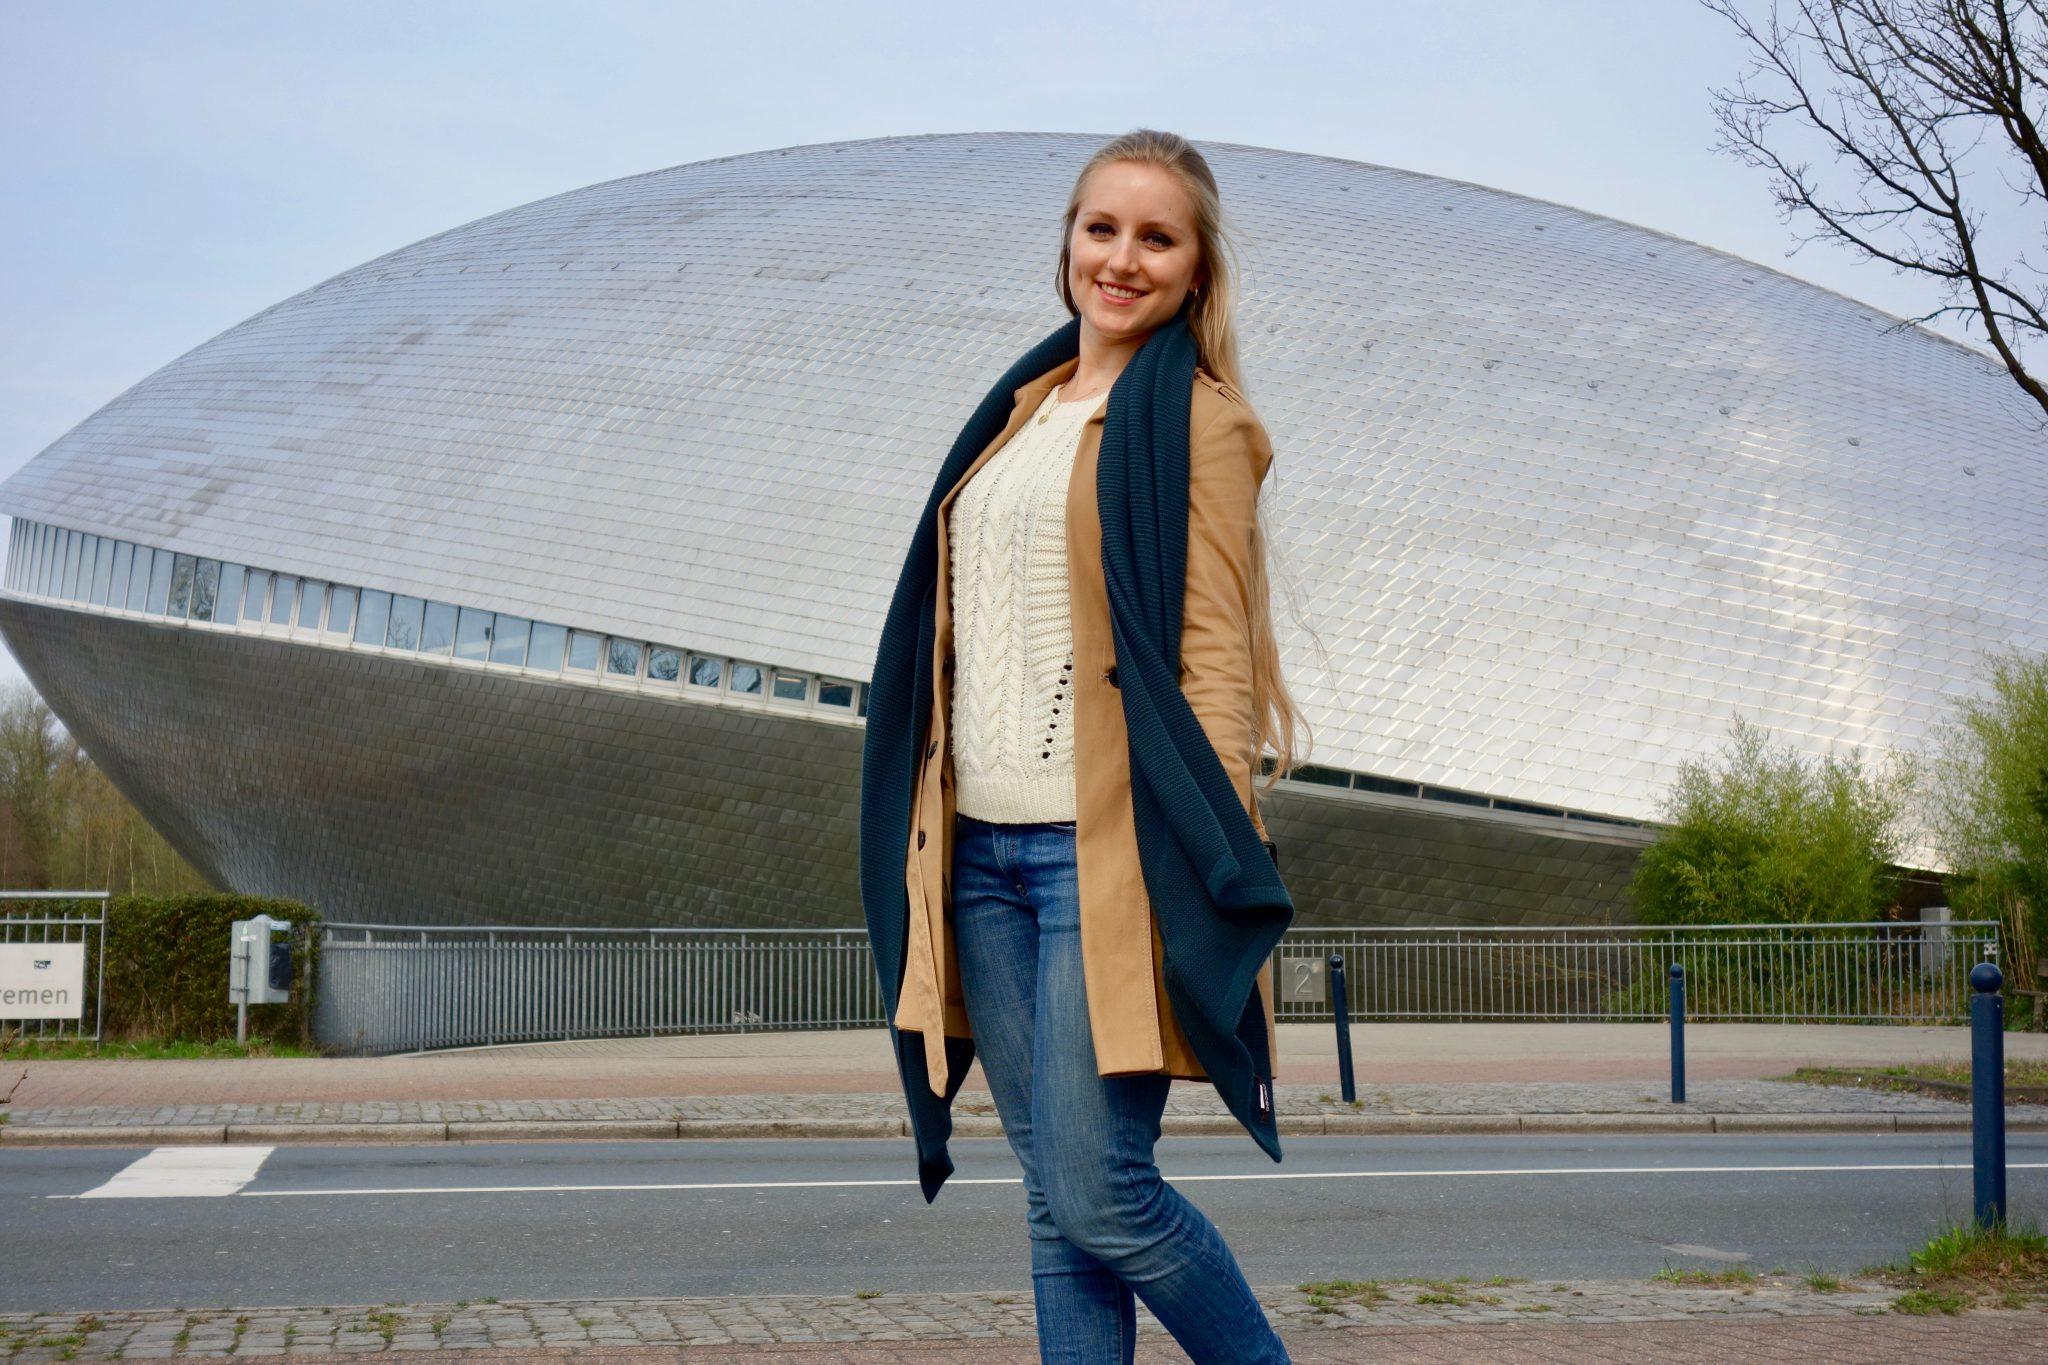 Bremen, Universum: Eines meiner Highlights in Bremen: Das Universum! Es ist ein Erlebnismuseum, das aussieht wie ein Raumschiff!